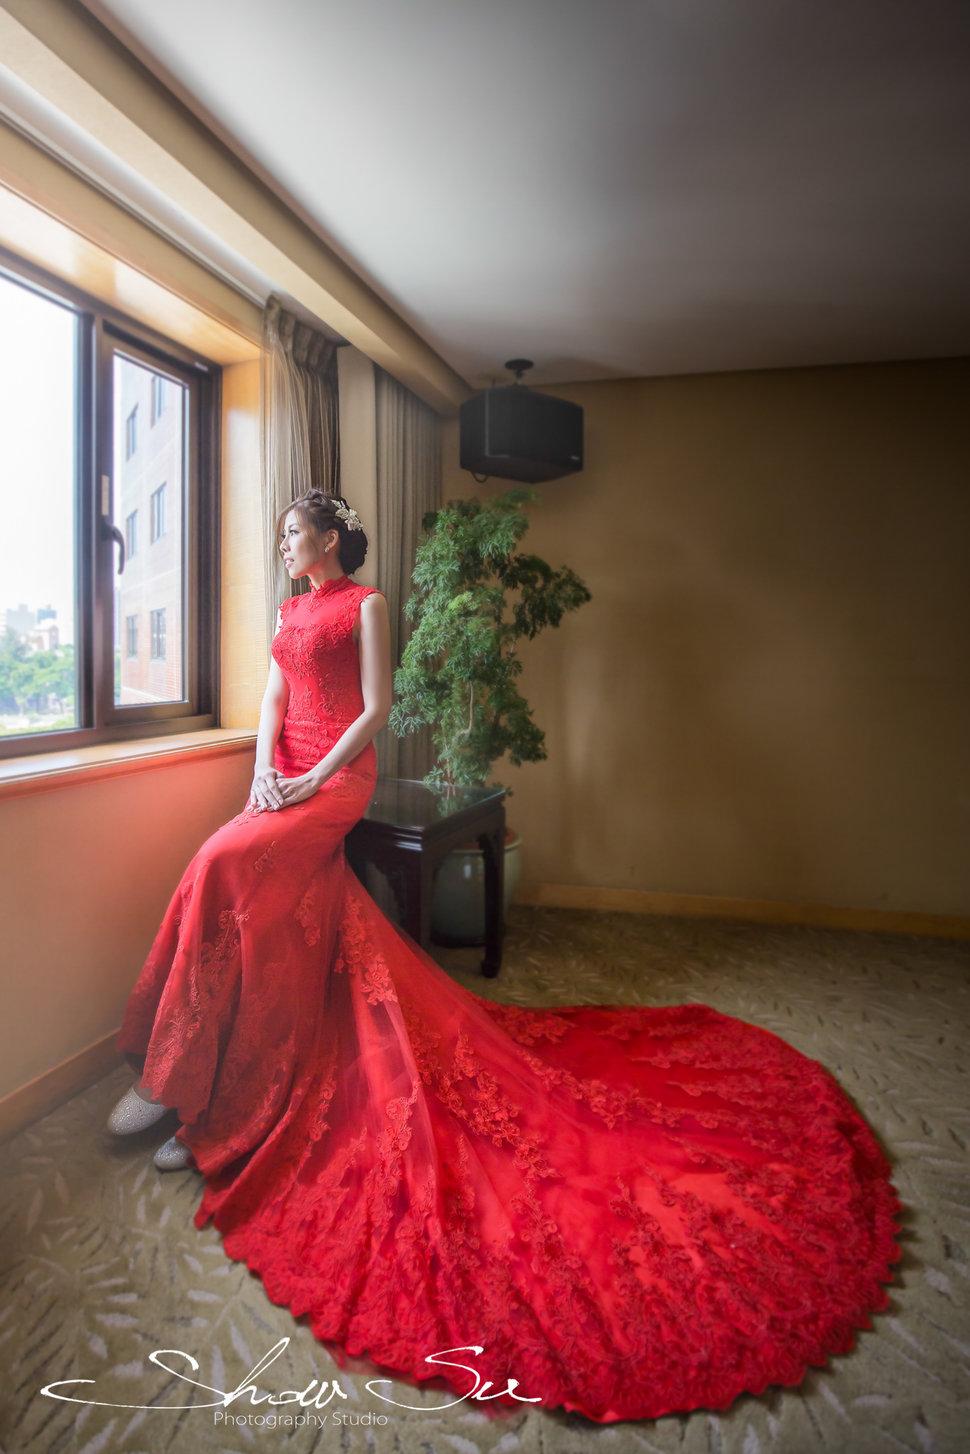 (編號:513950) - Show Su Photography - 結婚吧